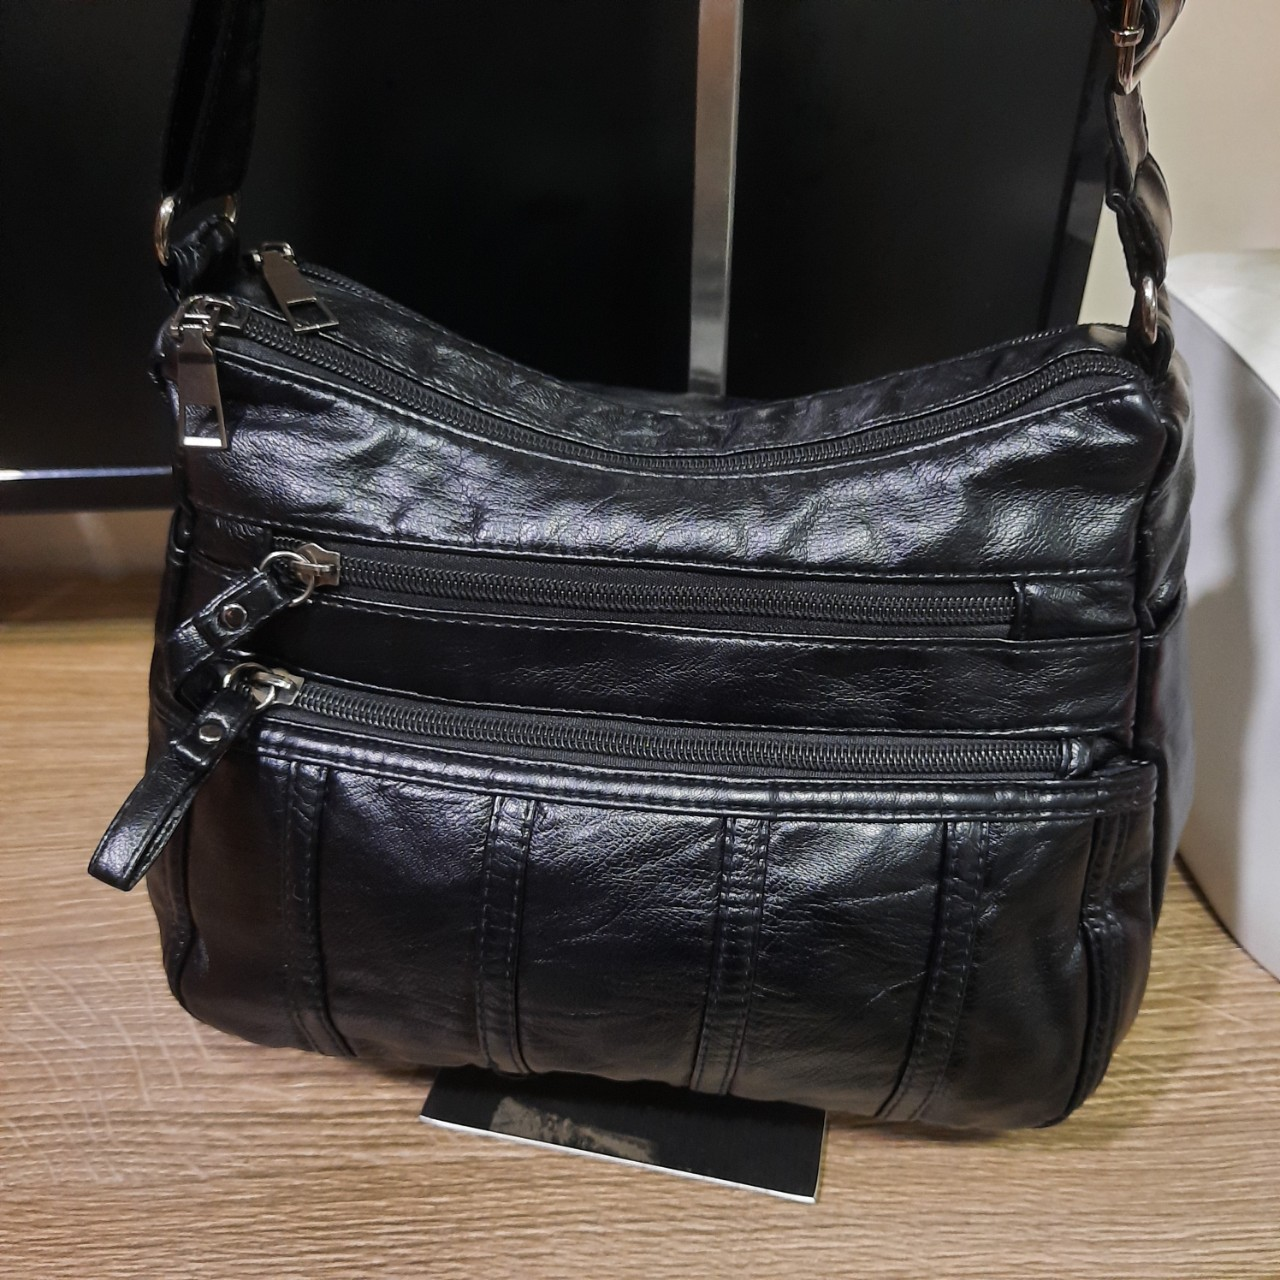 Túi đeo chéo đeo vai thời trang cổ điển kiểu 4 bính dọc siêu đẹp Shalla (túi đeo chéo đeo vai da cổ điển nguồn sỉ)